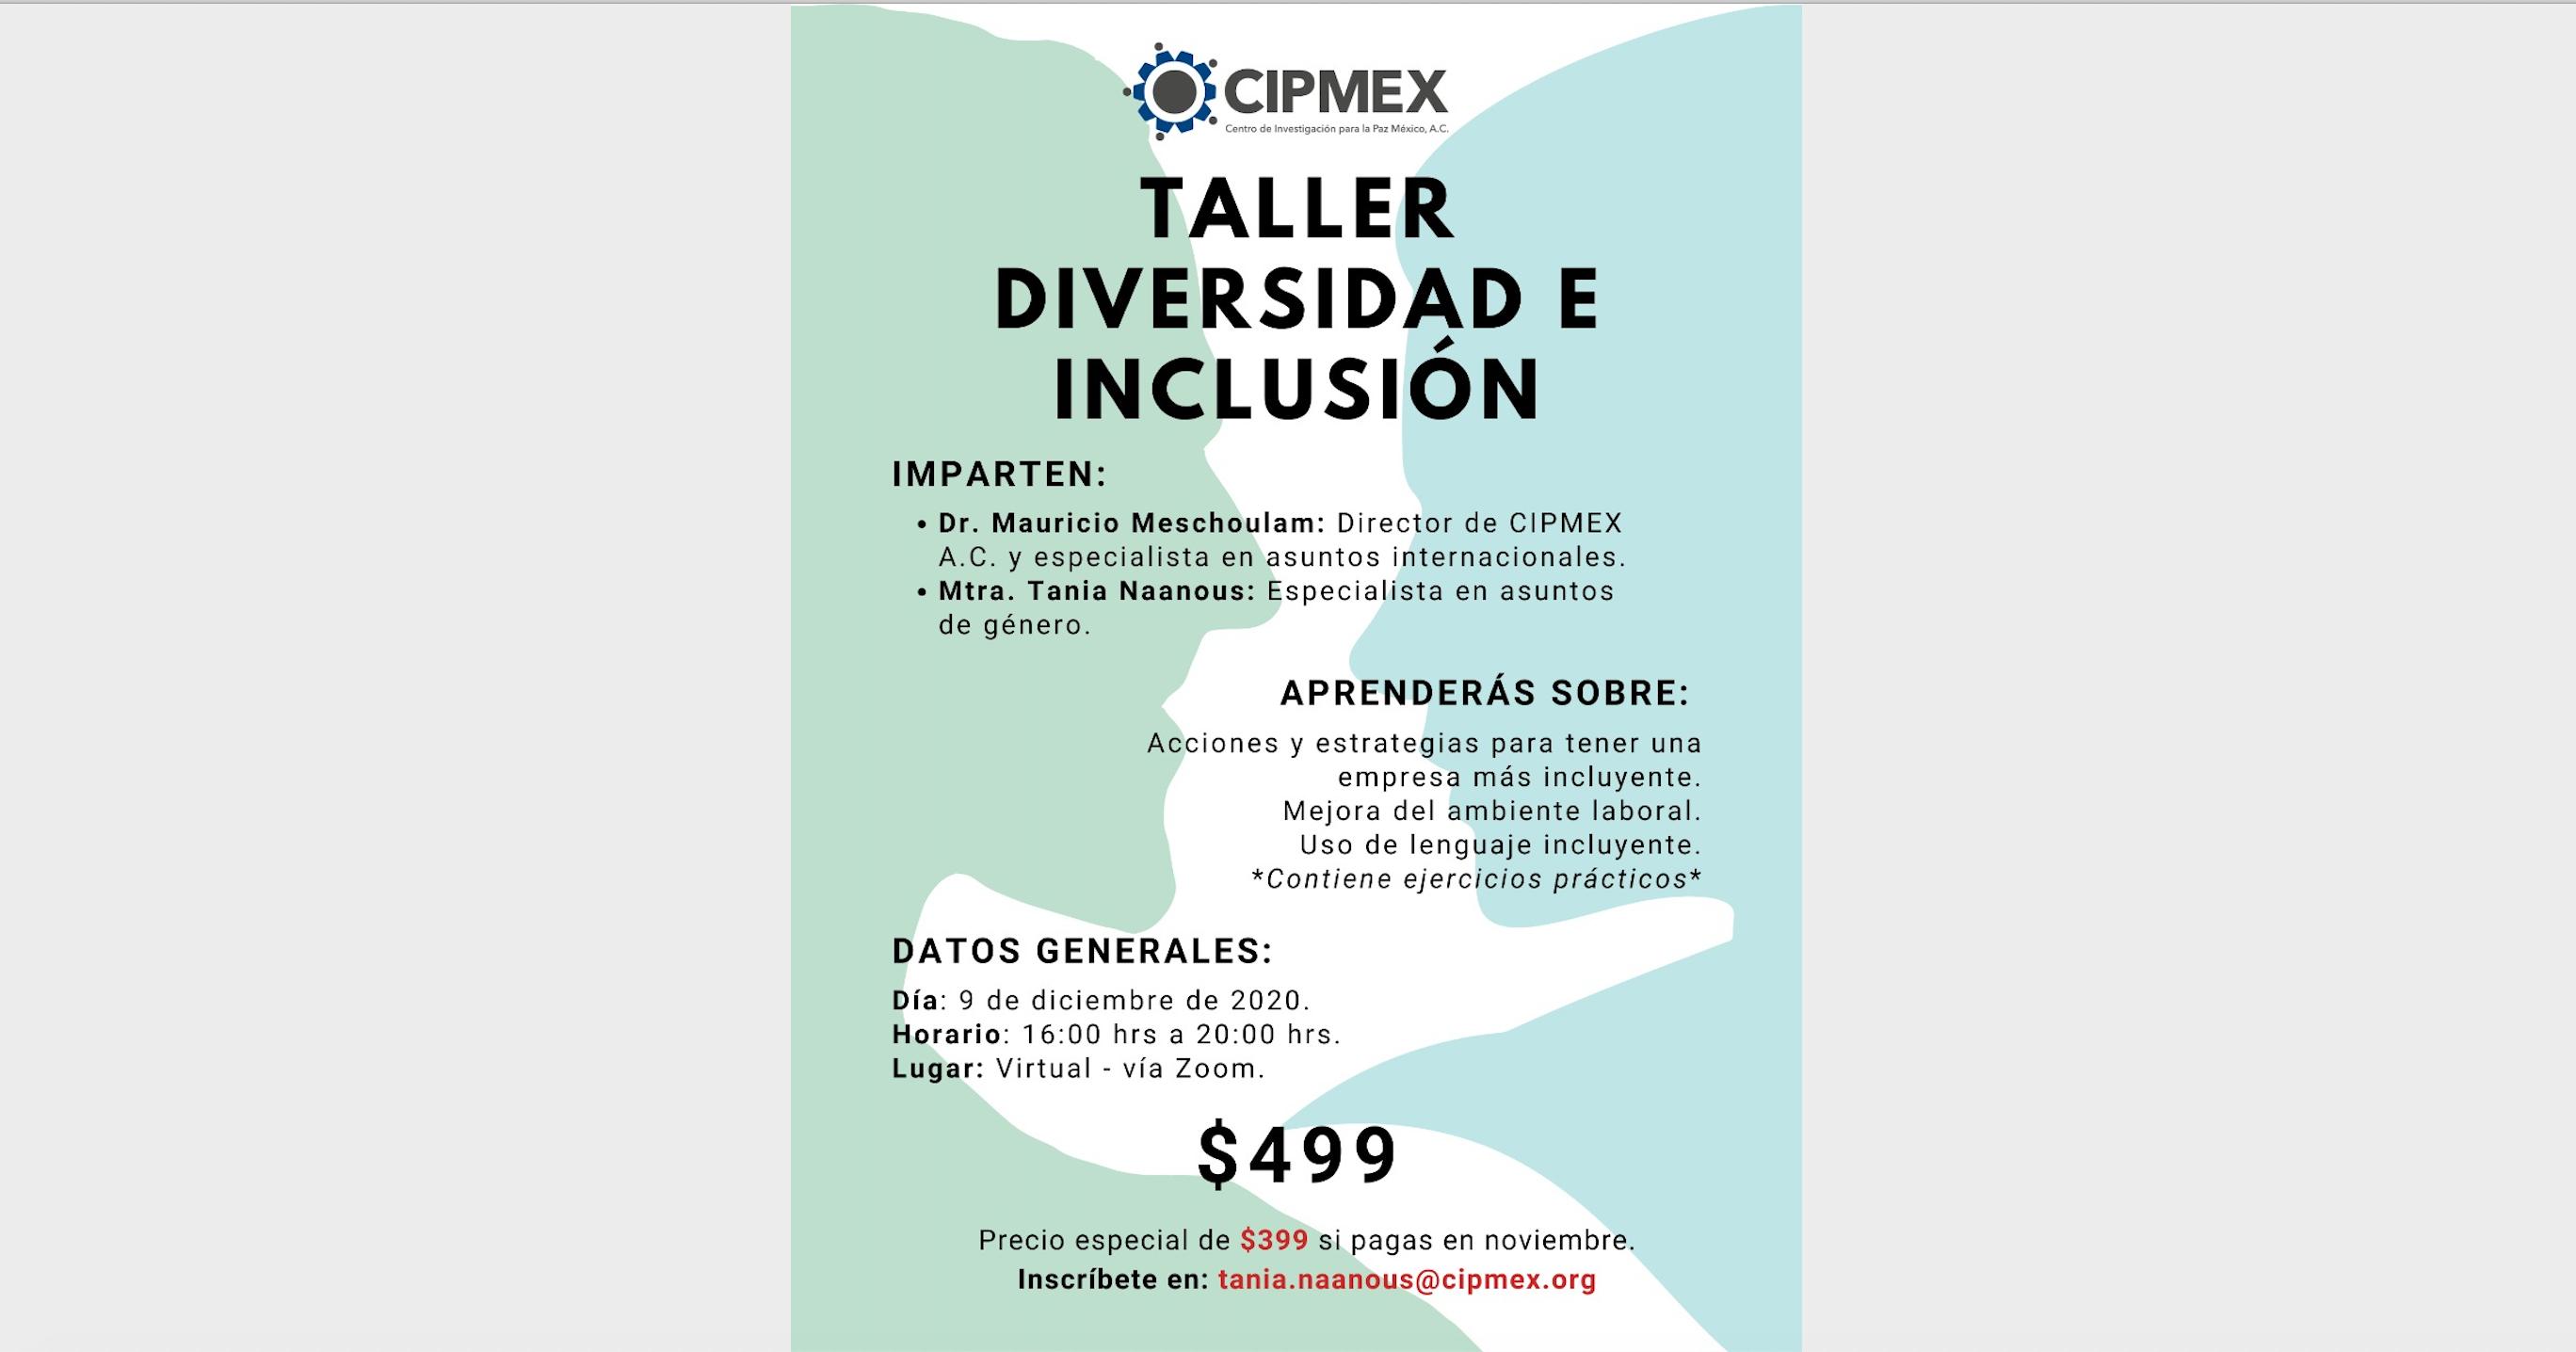 Taller de Diversidad e Inclusión